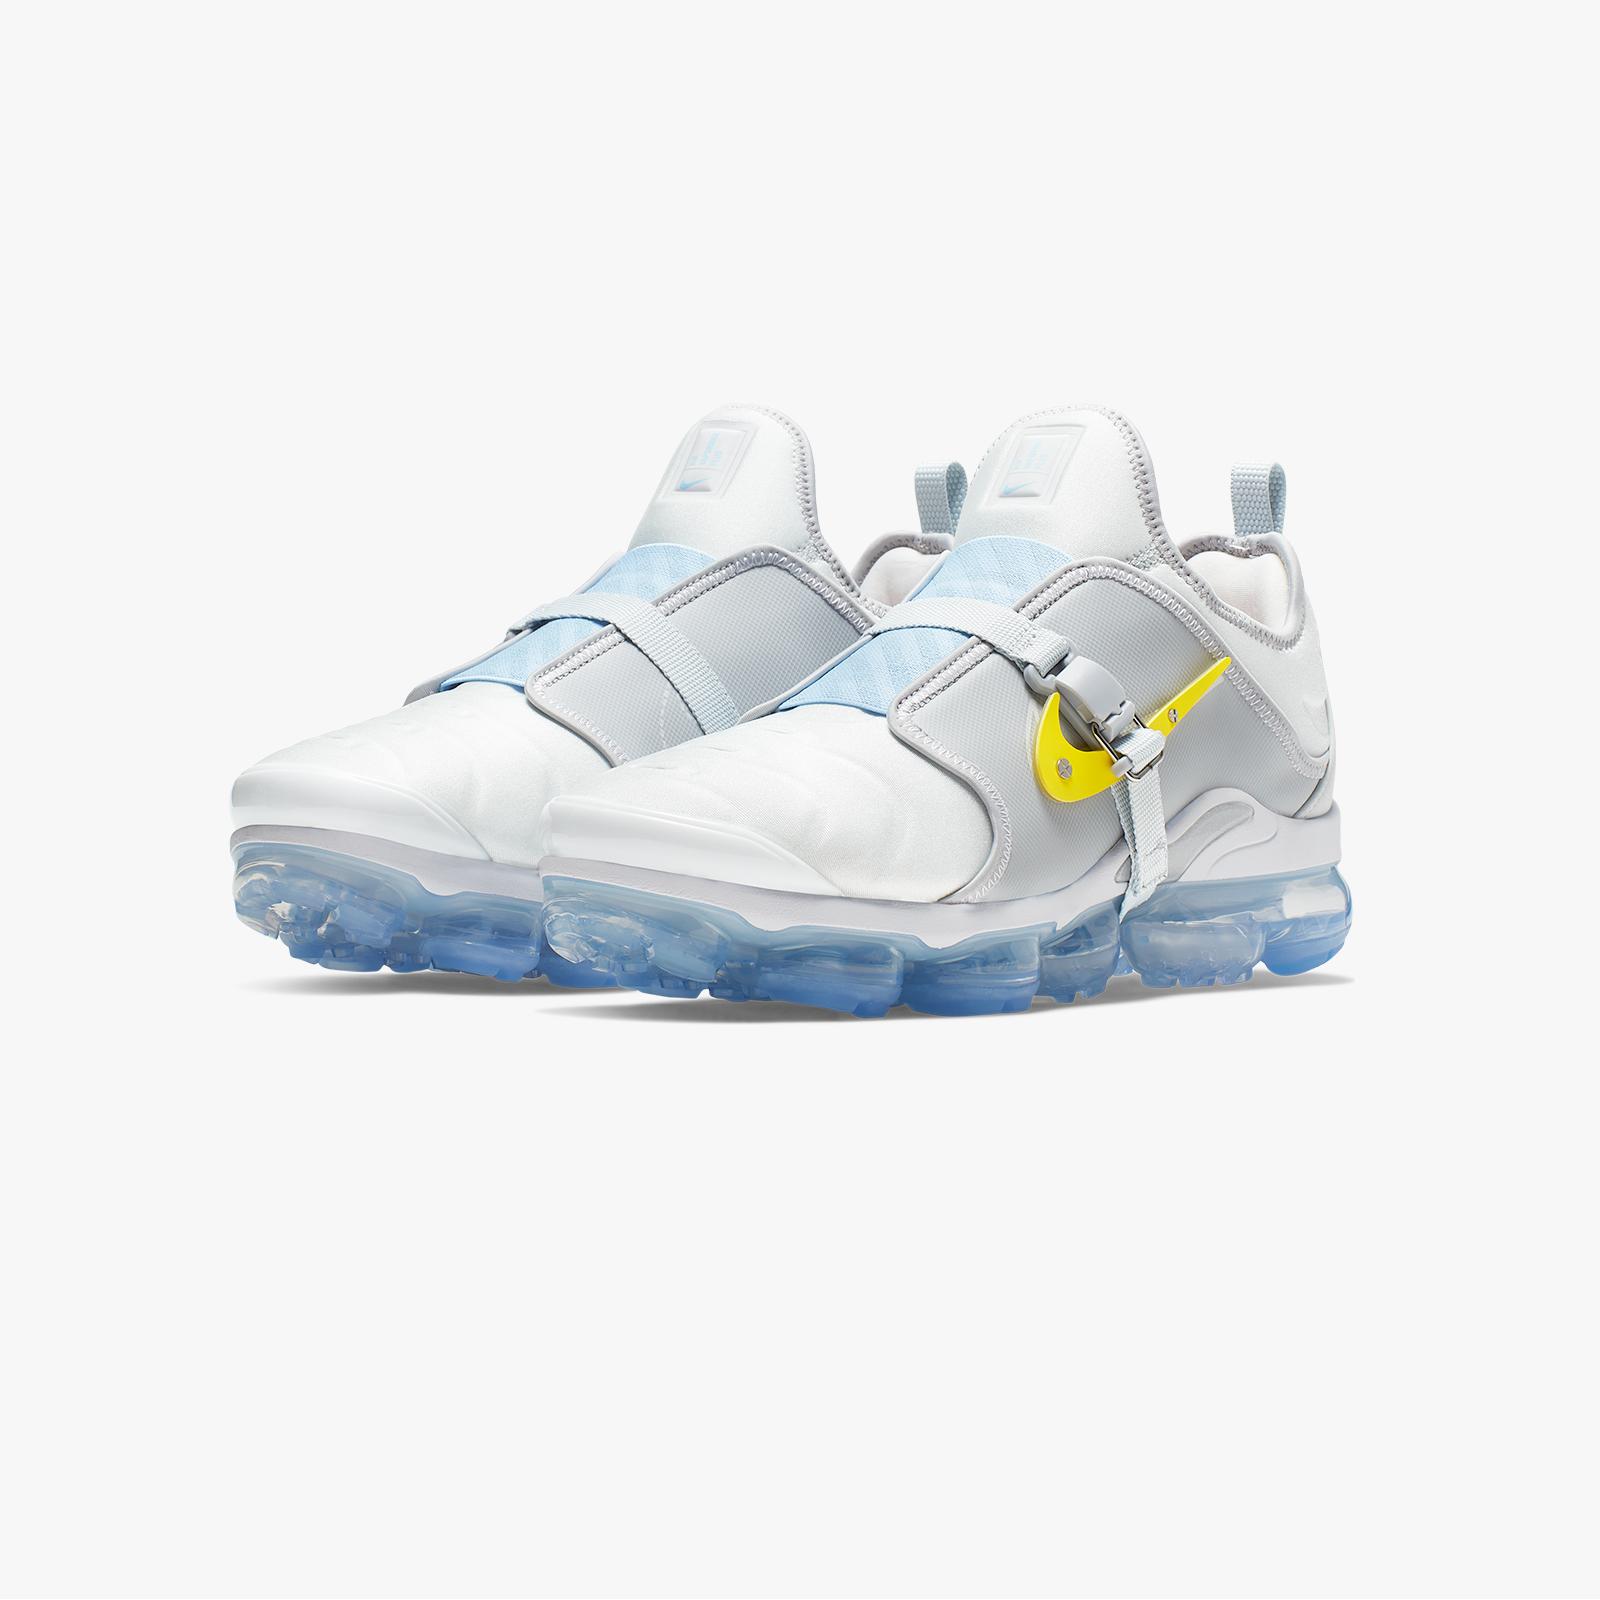 Nike Air Vapormax Plus On Air \